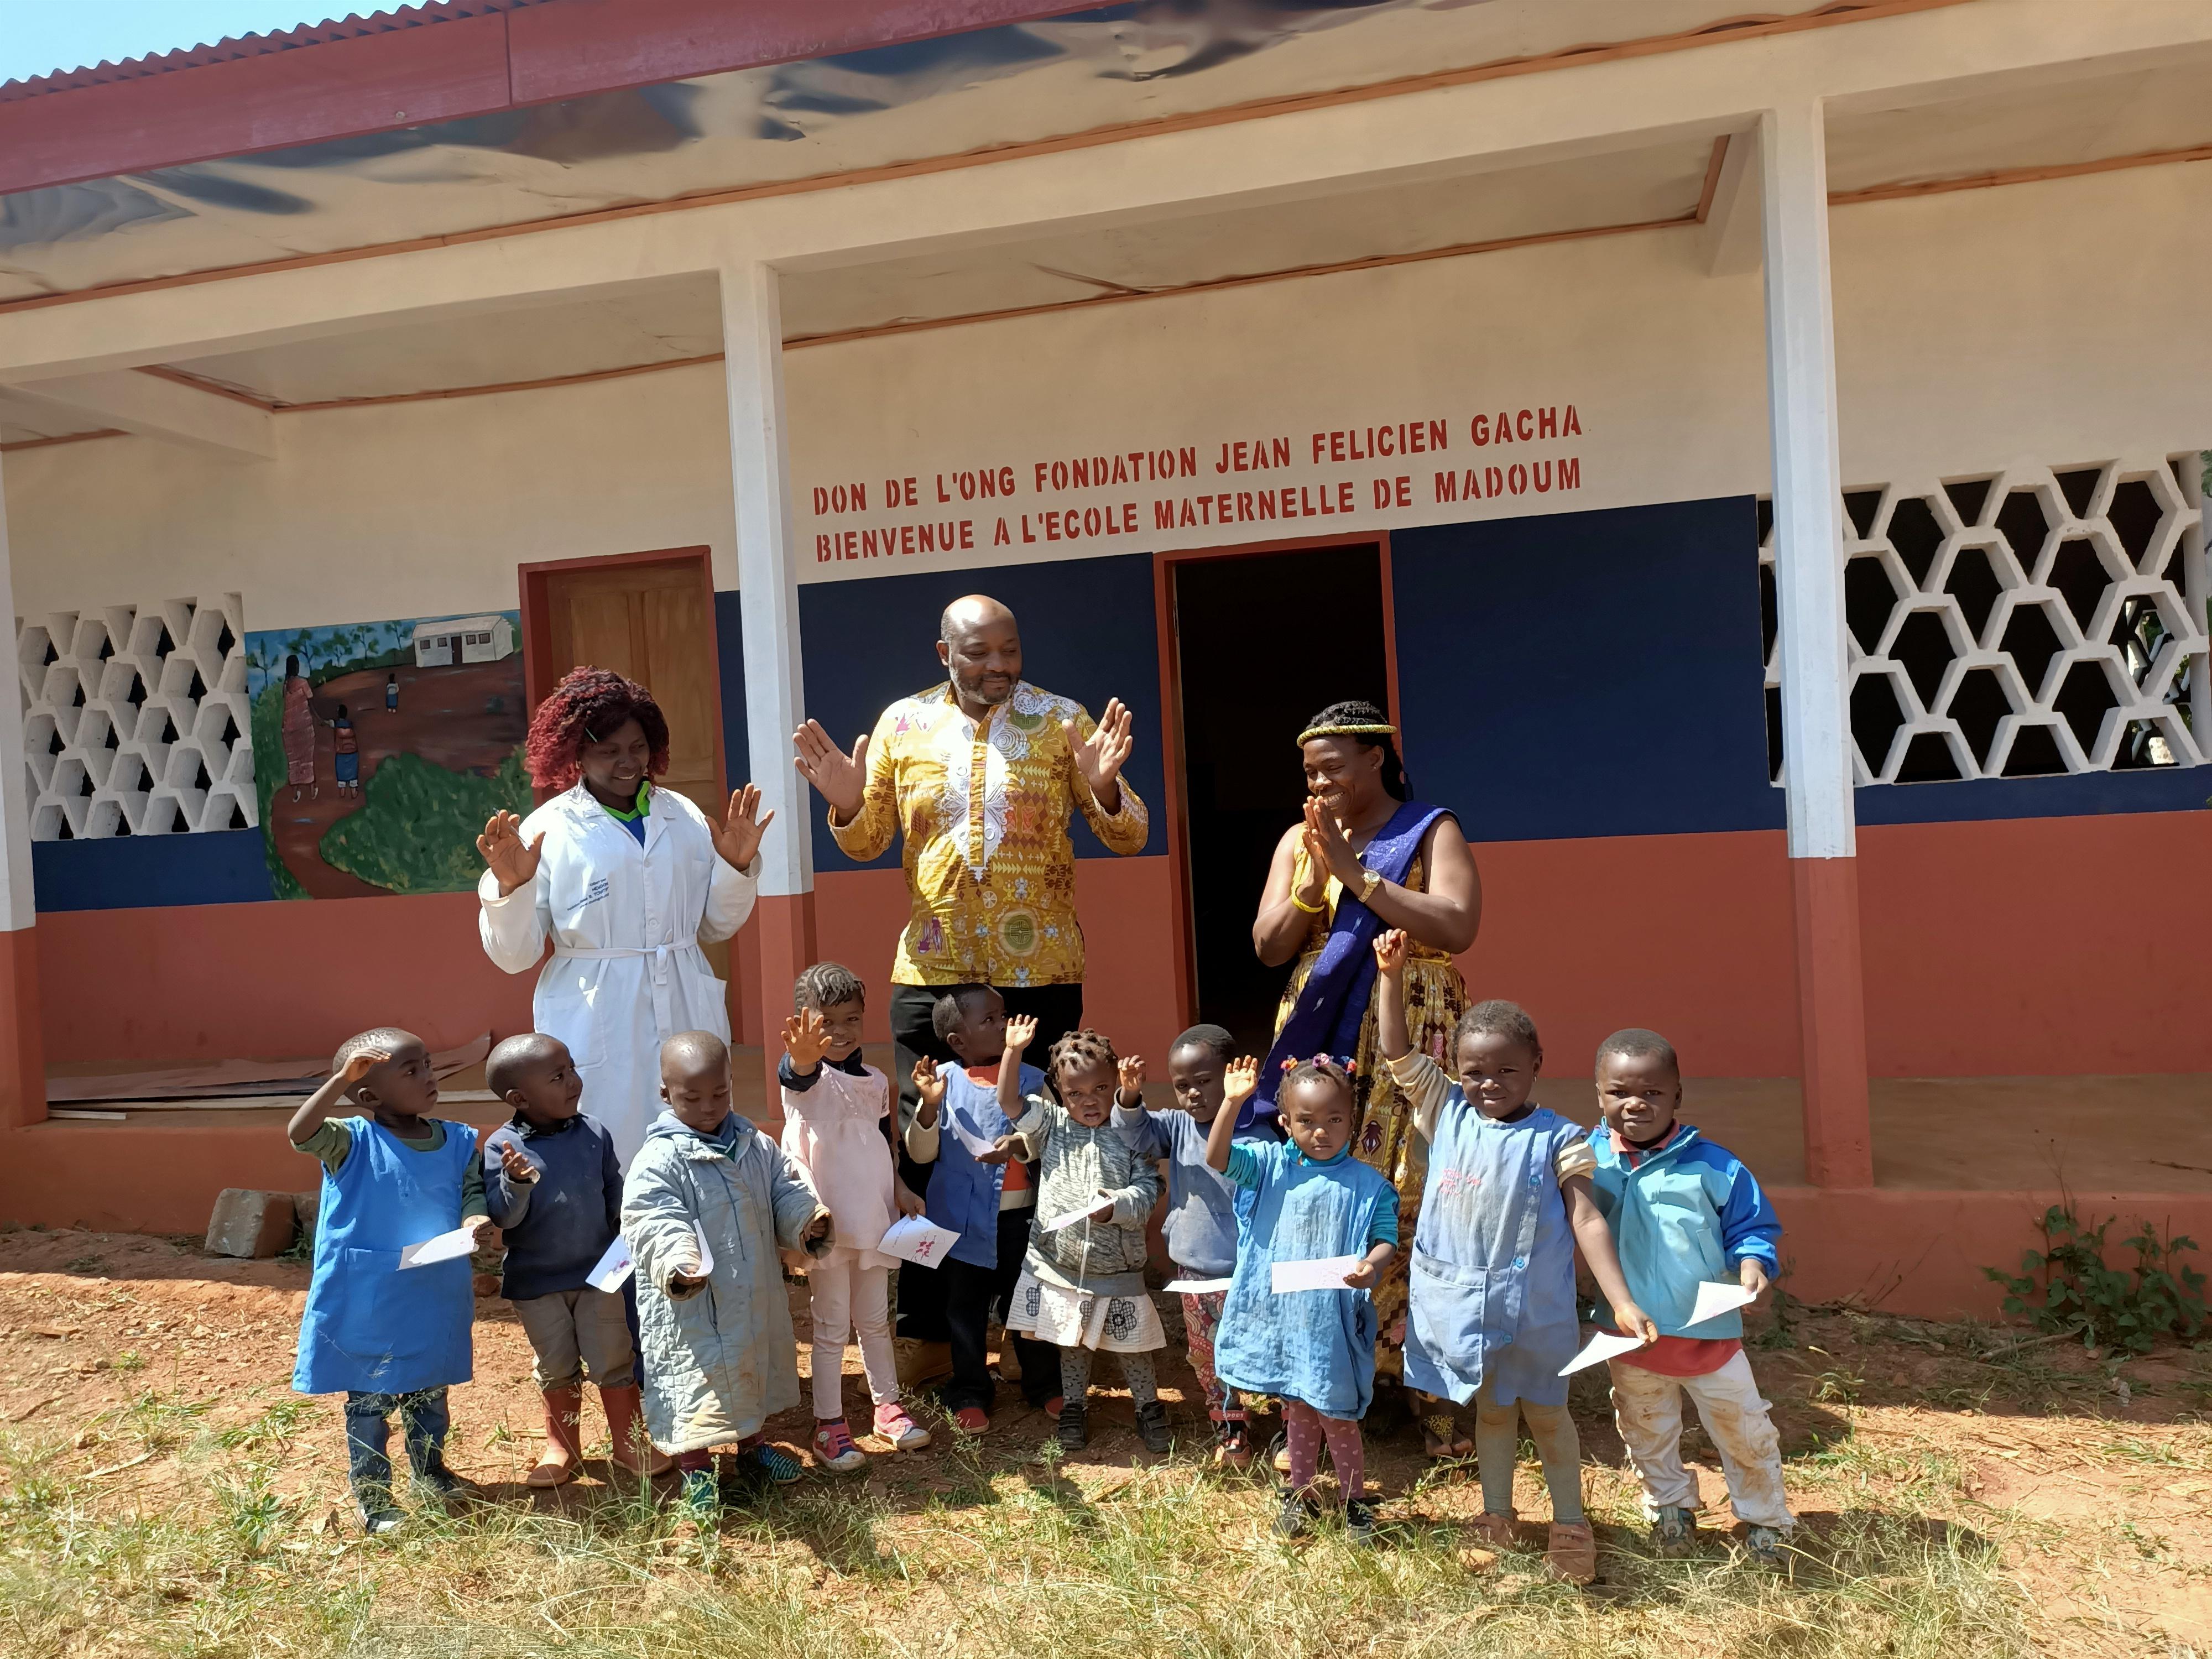 La construction de l'école de Madoum au Cameroun par la Fondation Gacha